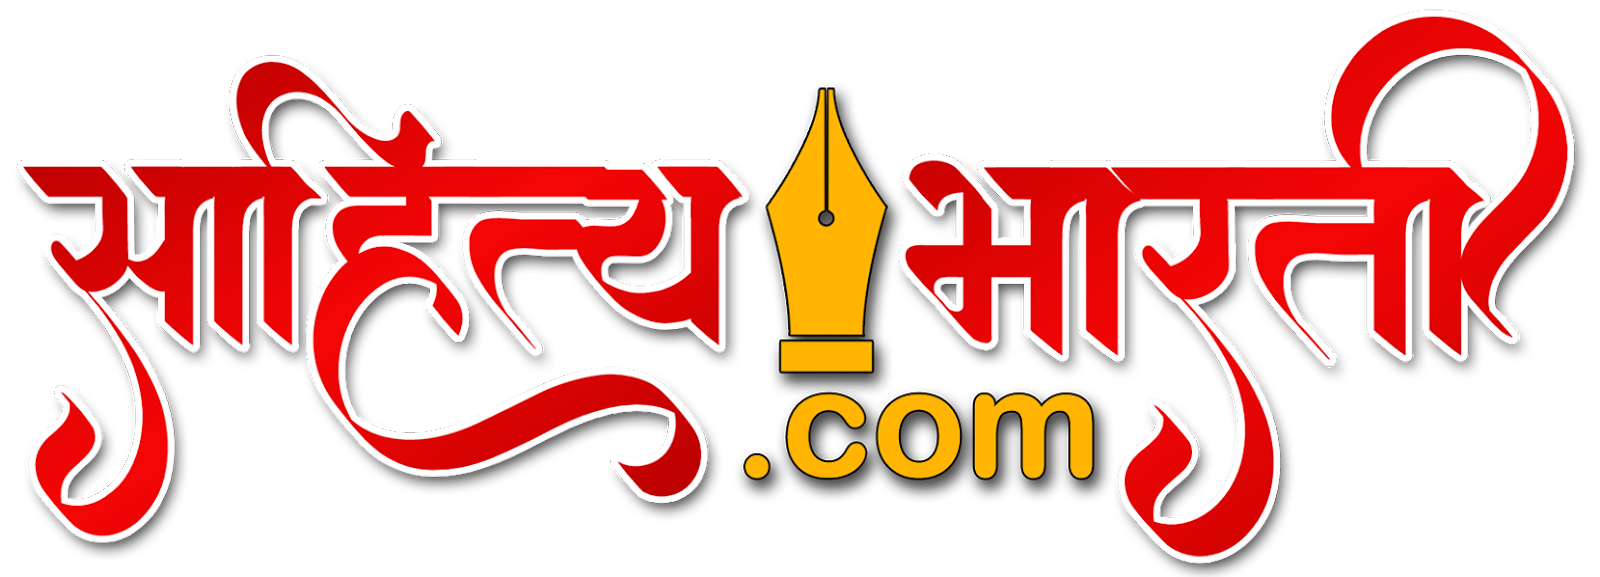 Sahitya Bharati